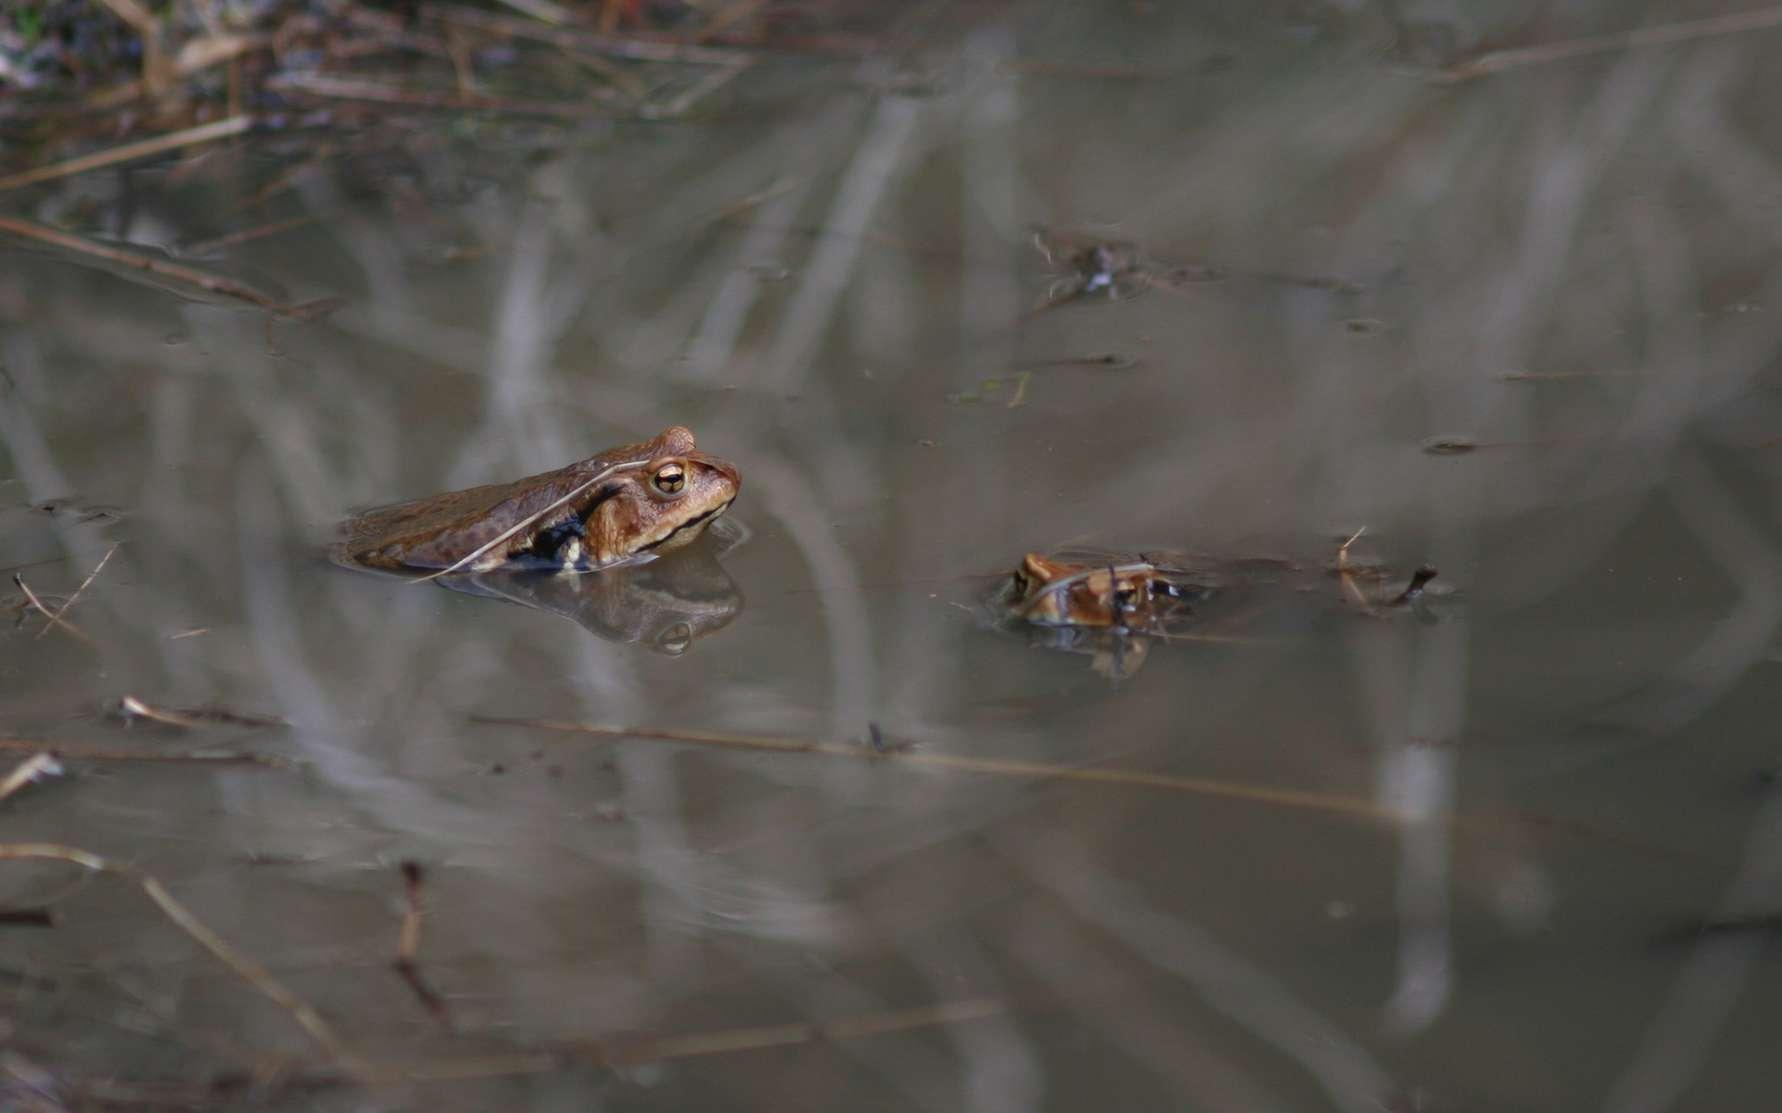 Le crapaud Bufo japonicus, une espèce endémique du Japon. © 裕司 安斉, fotolia